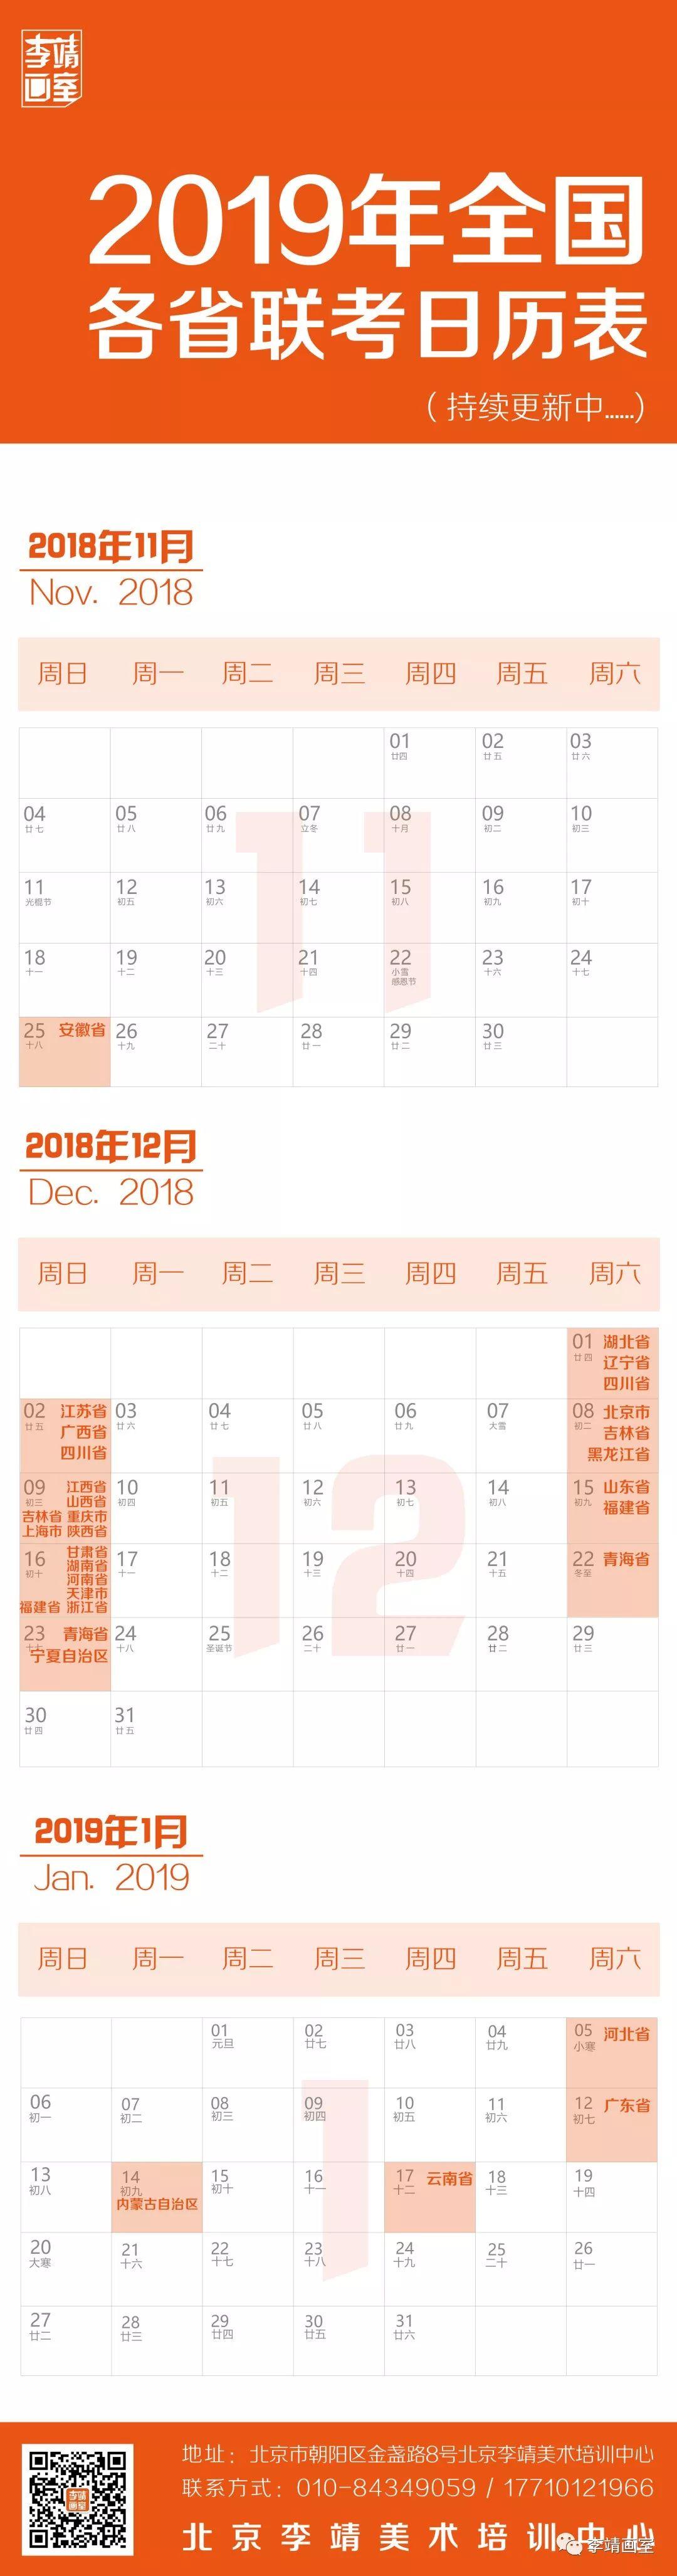 2019各省美术联考安排日历表